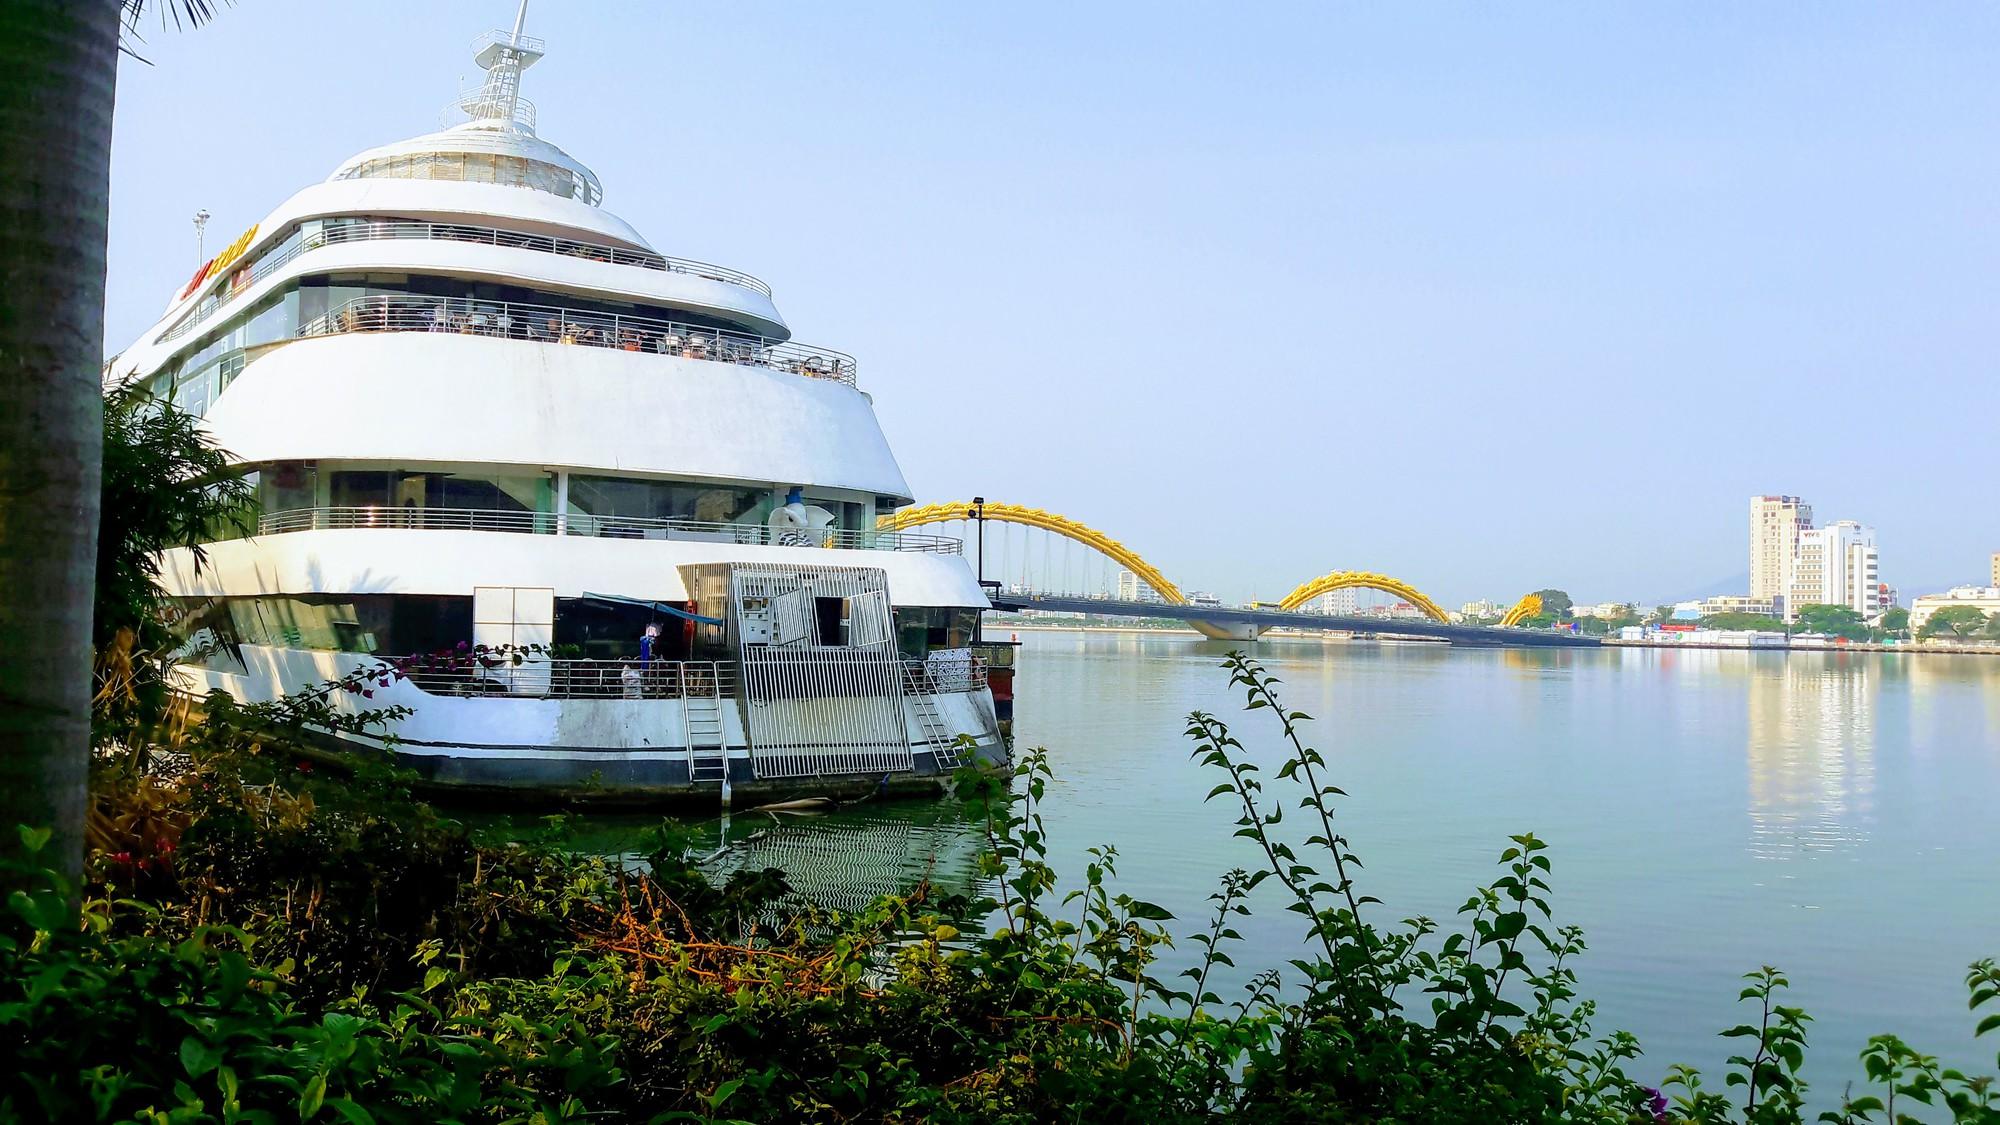 Vụ tạm dừng dự án Marina Complex ở Đà Nẵng: Cận cảnh những công trình, dự án dọc hai bờ sông Hàn hiện nay - Ảnh 10.